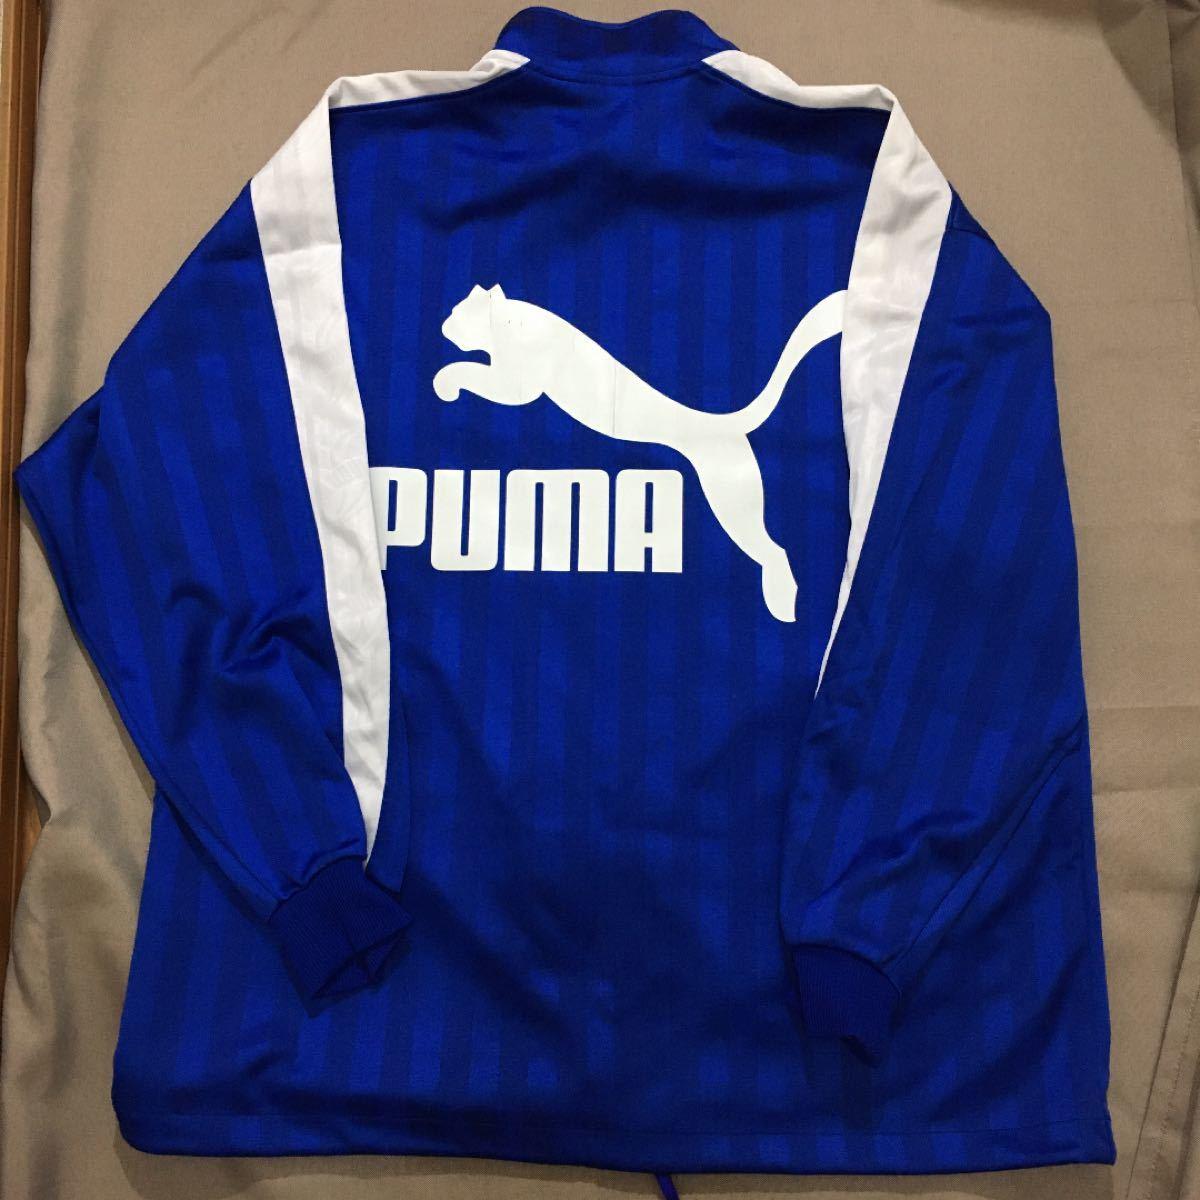 PUMA プーマ ジャージ 上下セット メンズL〜Oサイズ ブルー×ホワイト